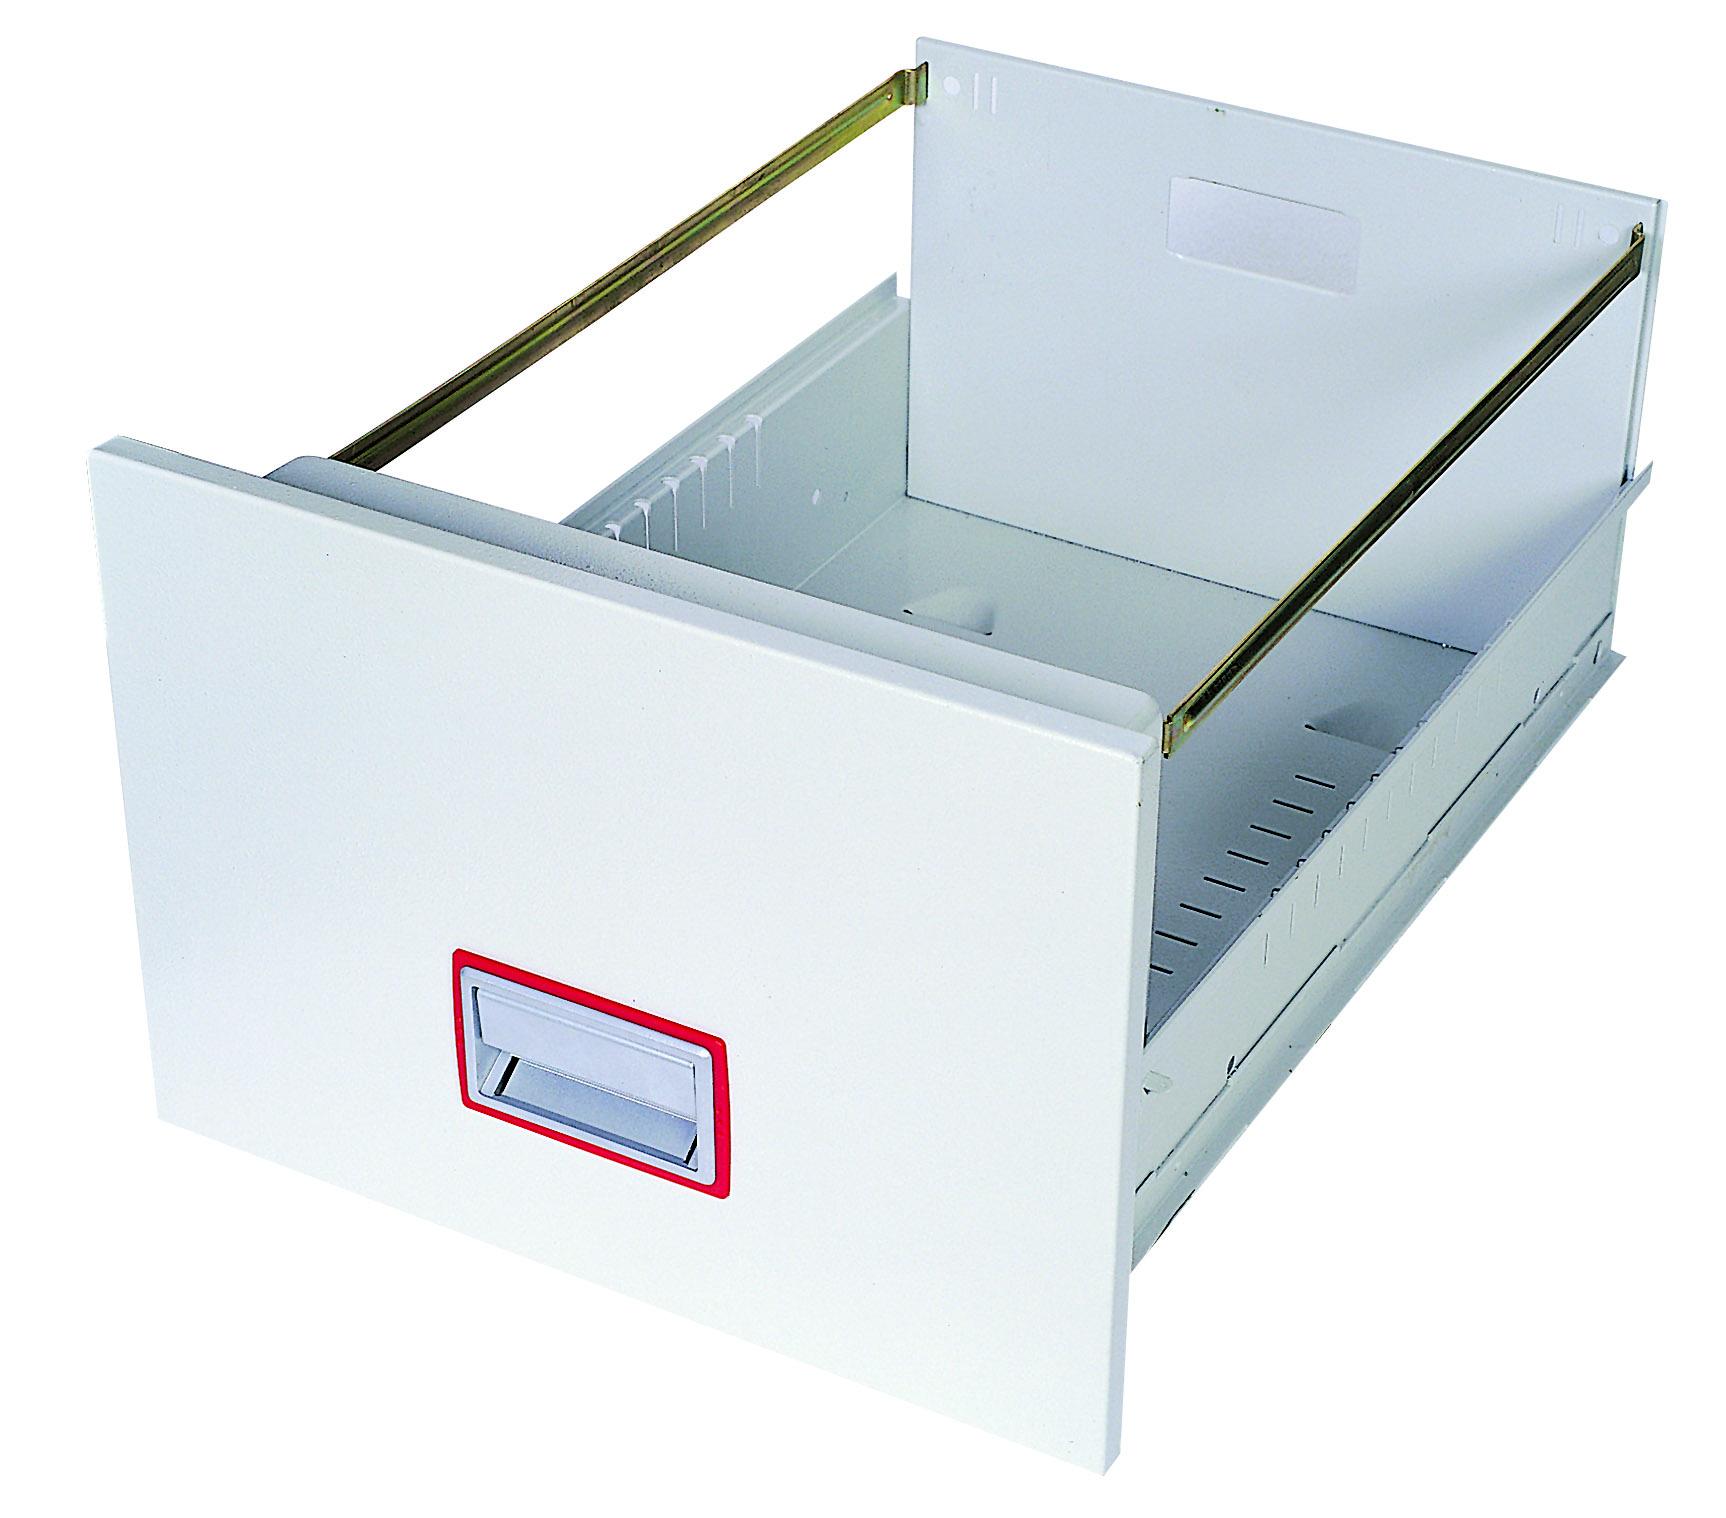 DFC Series Drawer